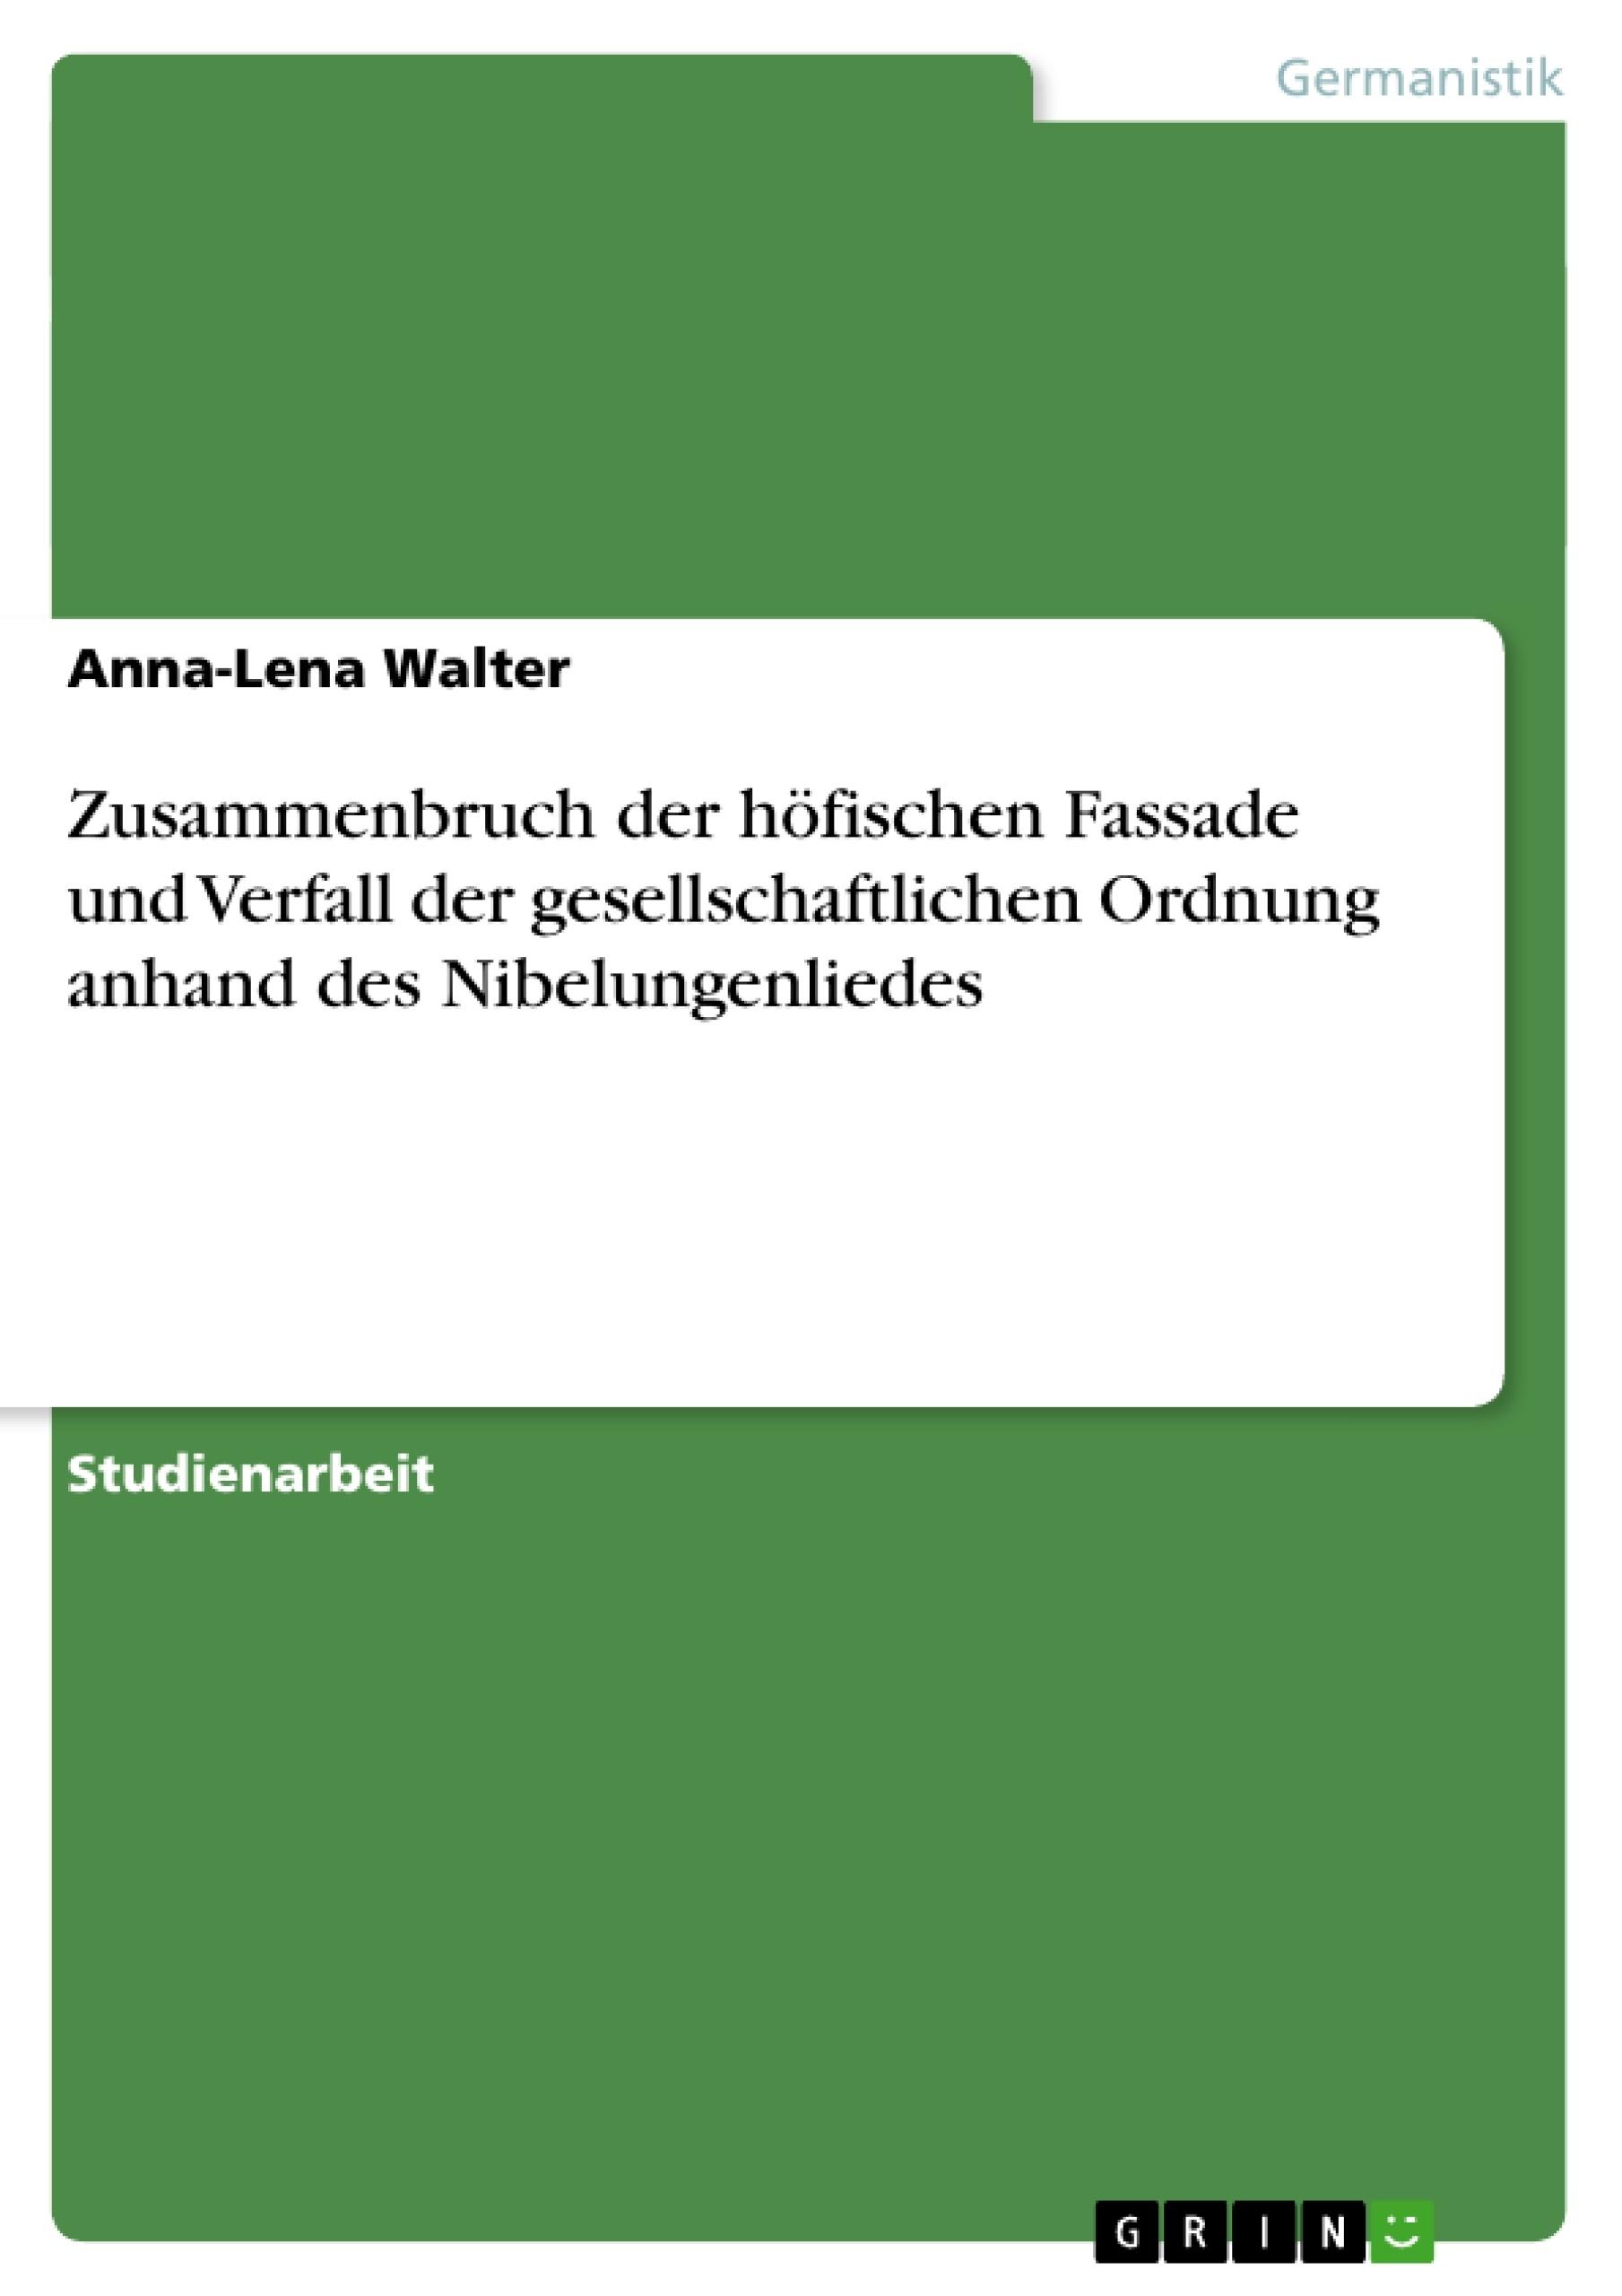 Titel: Zusammenbruch der höfischen Fassade und Verfall der gesellschaftlichen Ordnung anhand des Nibelungenliedes